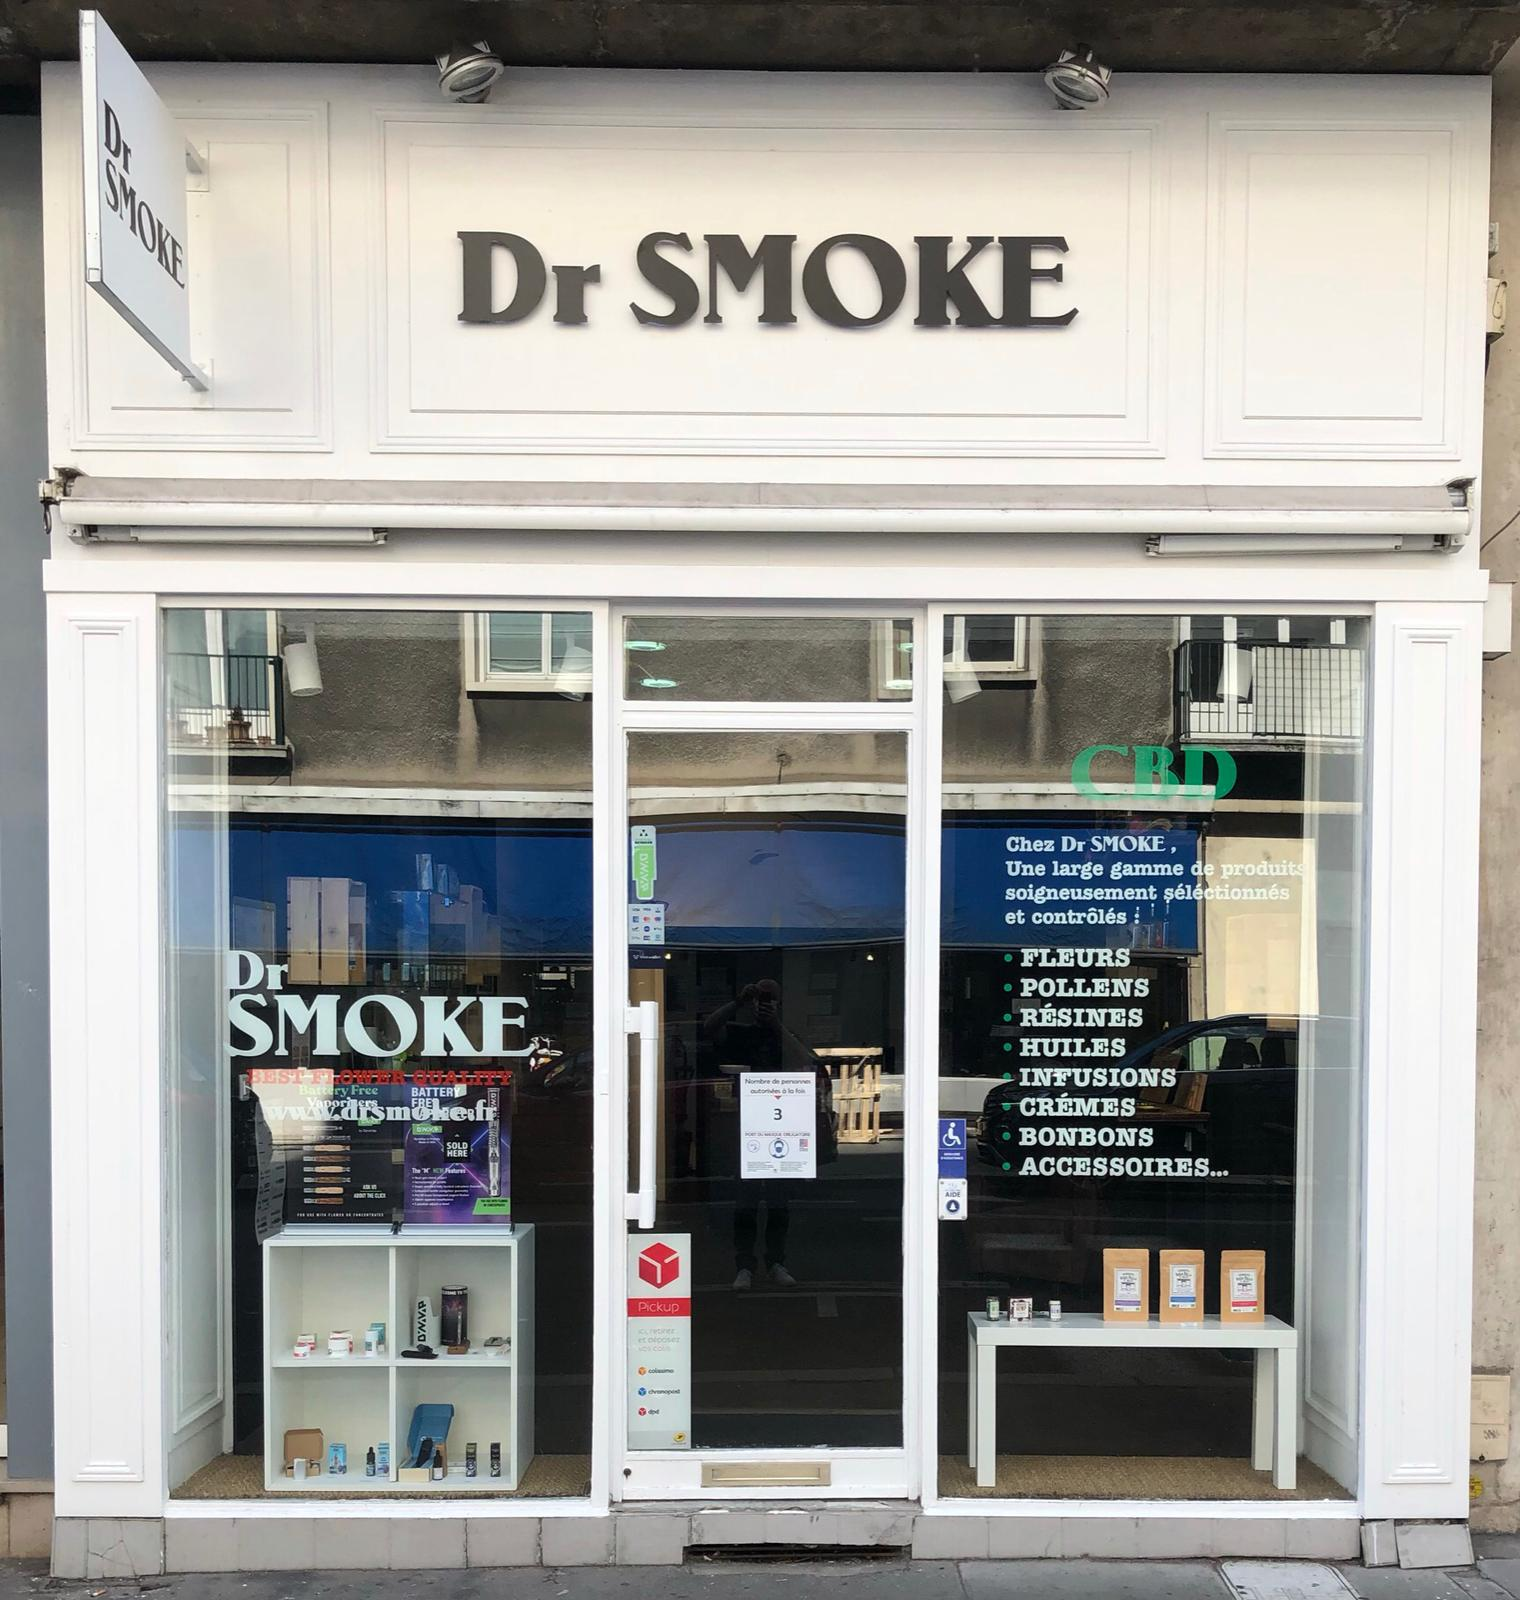 Cbd Tours - Dr Smoke Tours